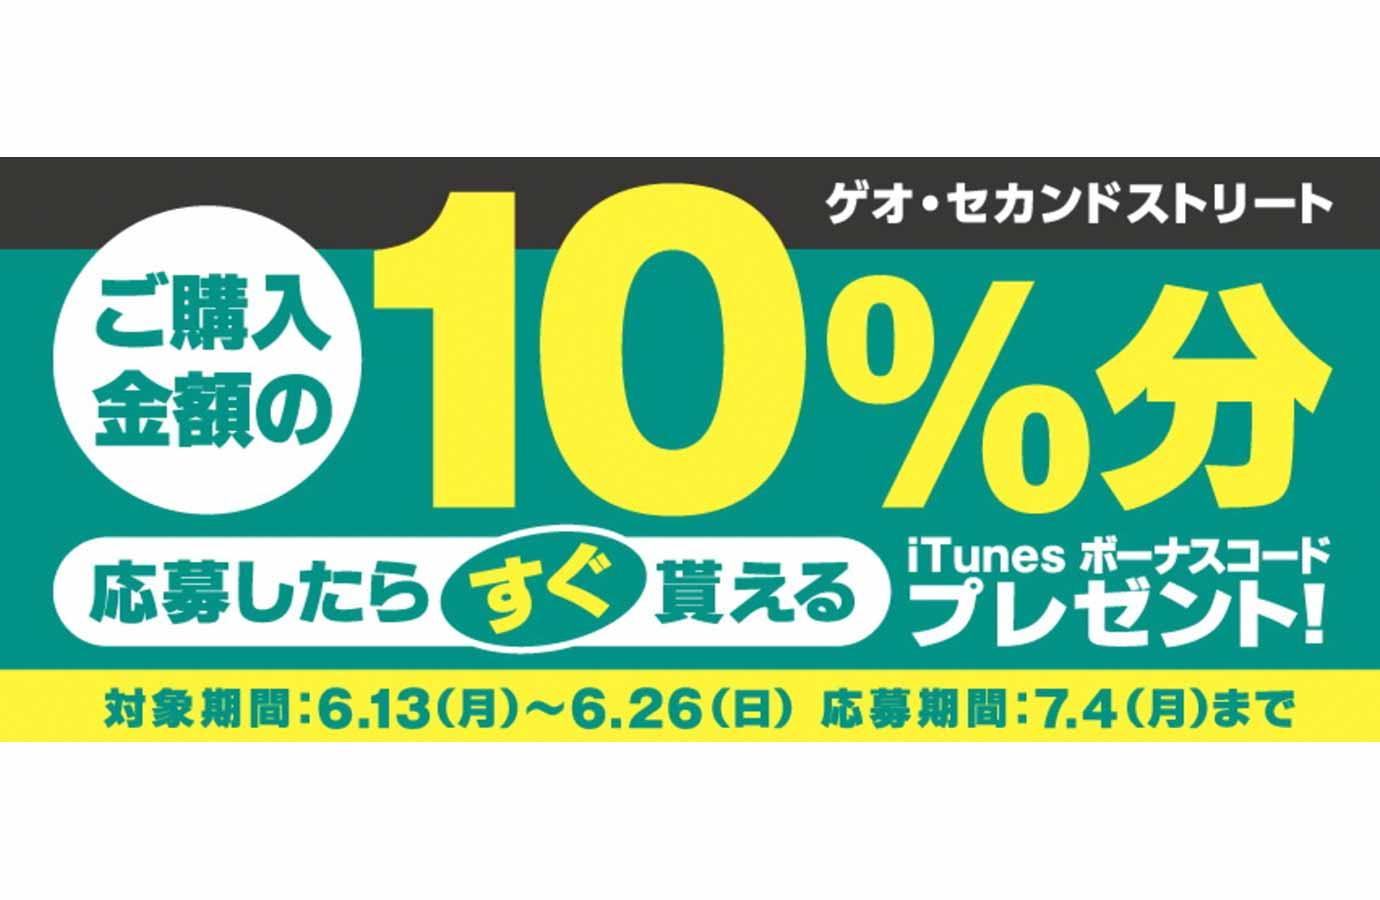 ゲオ・セカンドストリート、3,000円以上のiTunes Card購入で10%分のiTunesコードがもらえるキャンペーン実施中(6/26まで)